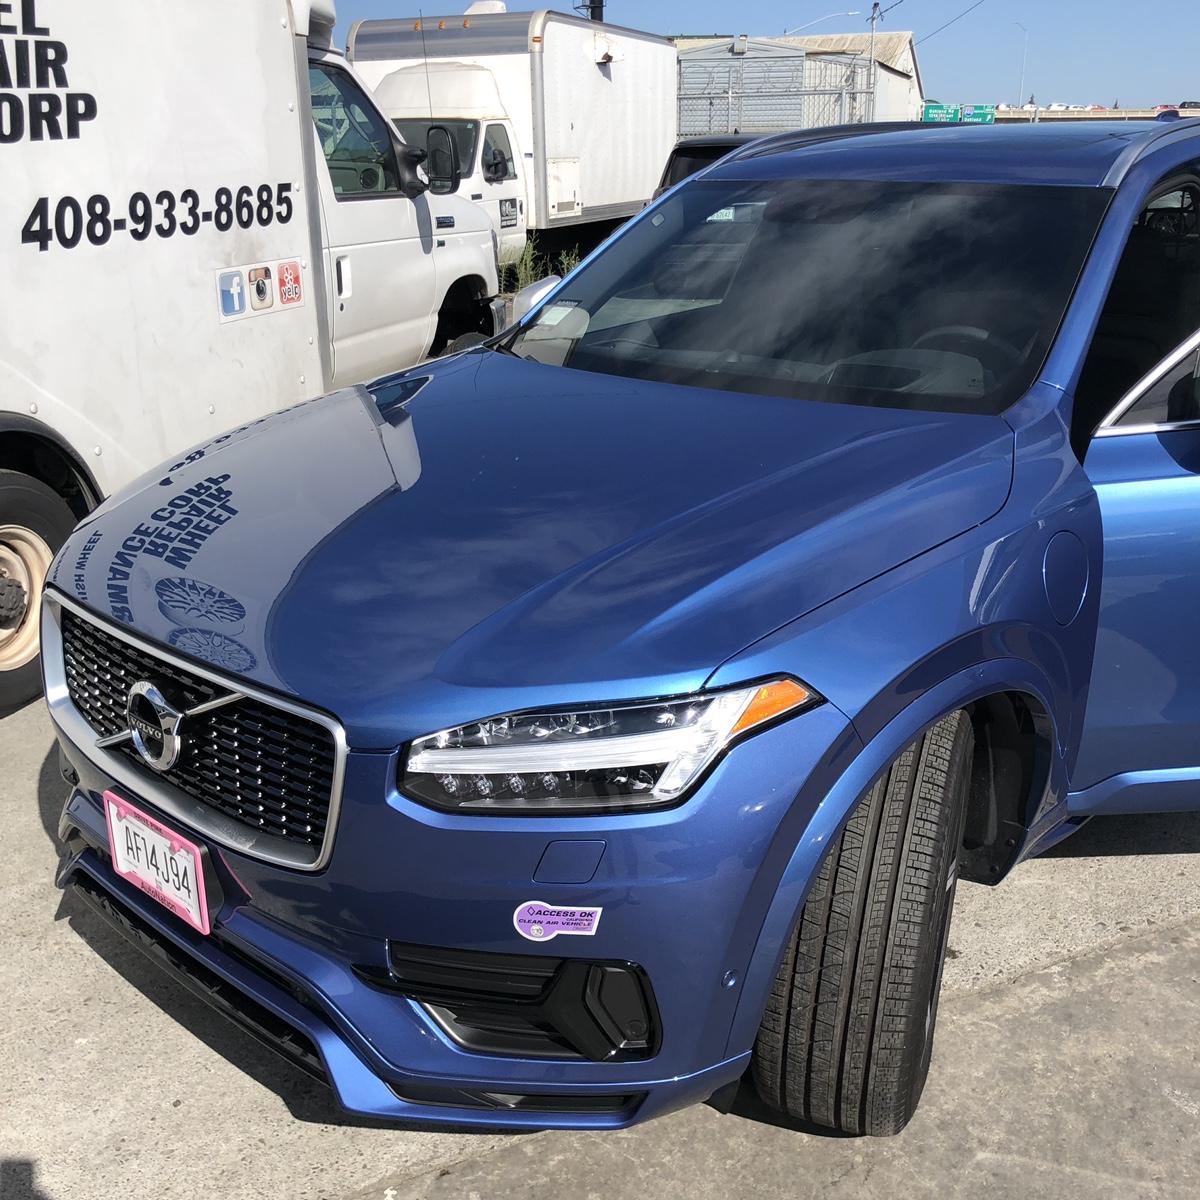 2019 Volvo Xc90 T5 R Design Price: 889